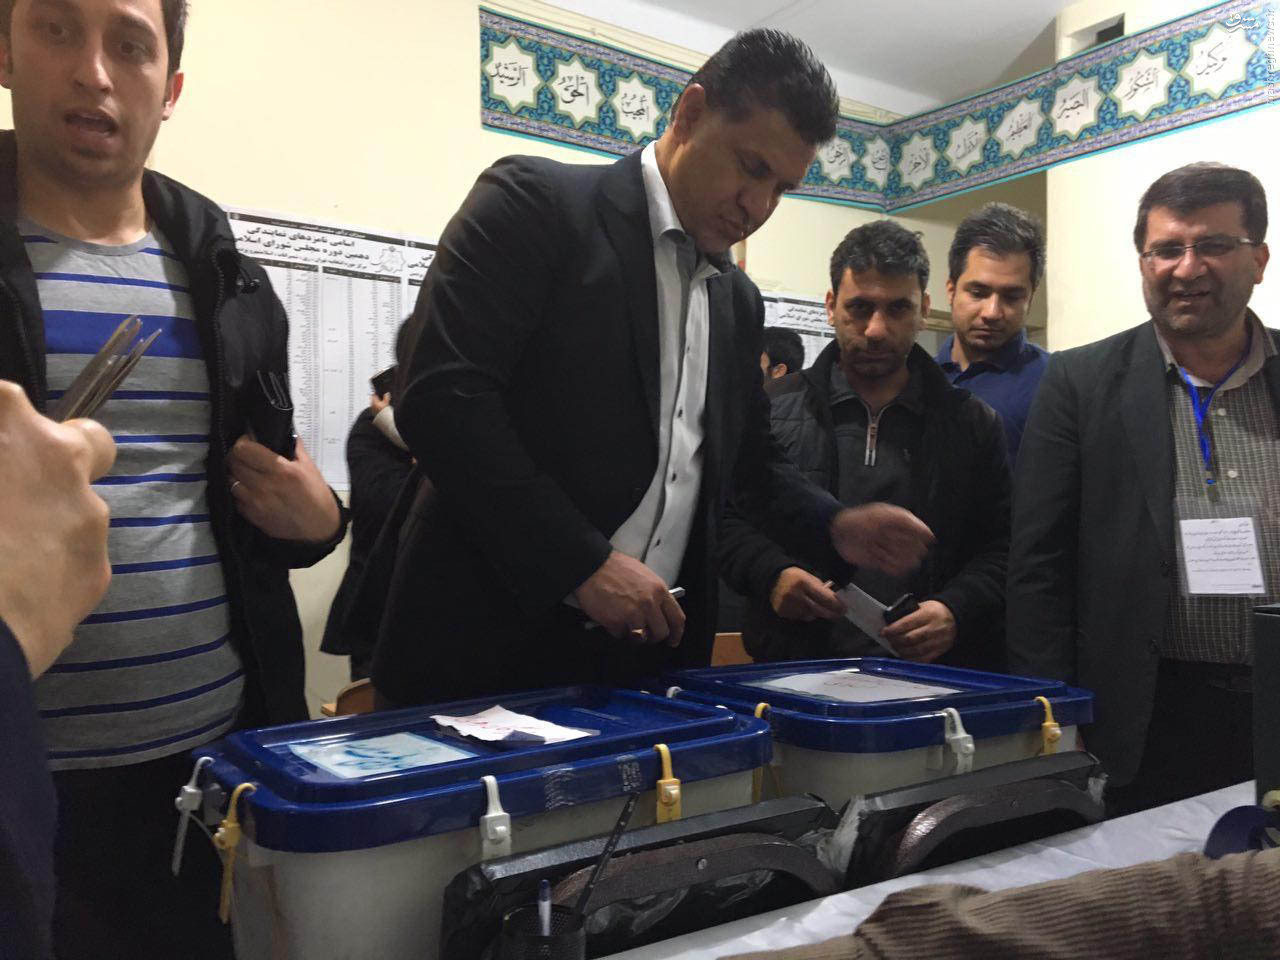 عکس/ محبوب ترین مرد فوتبال ایران در حال رای دادن